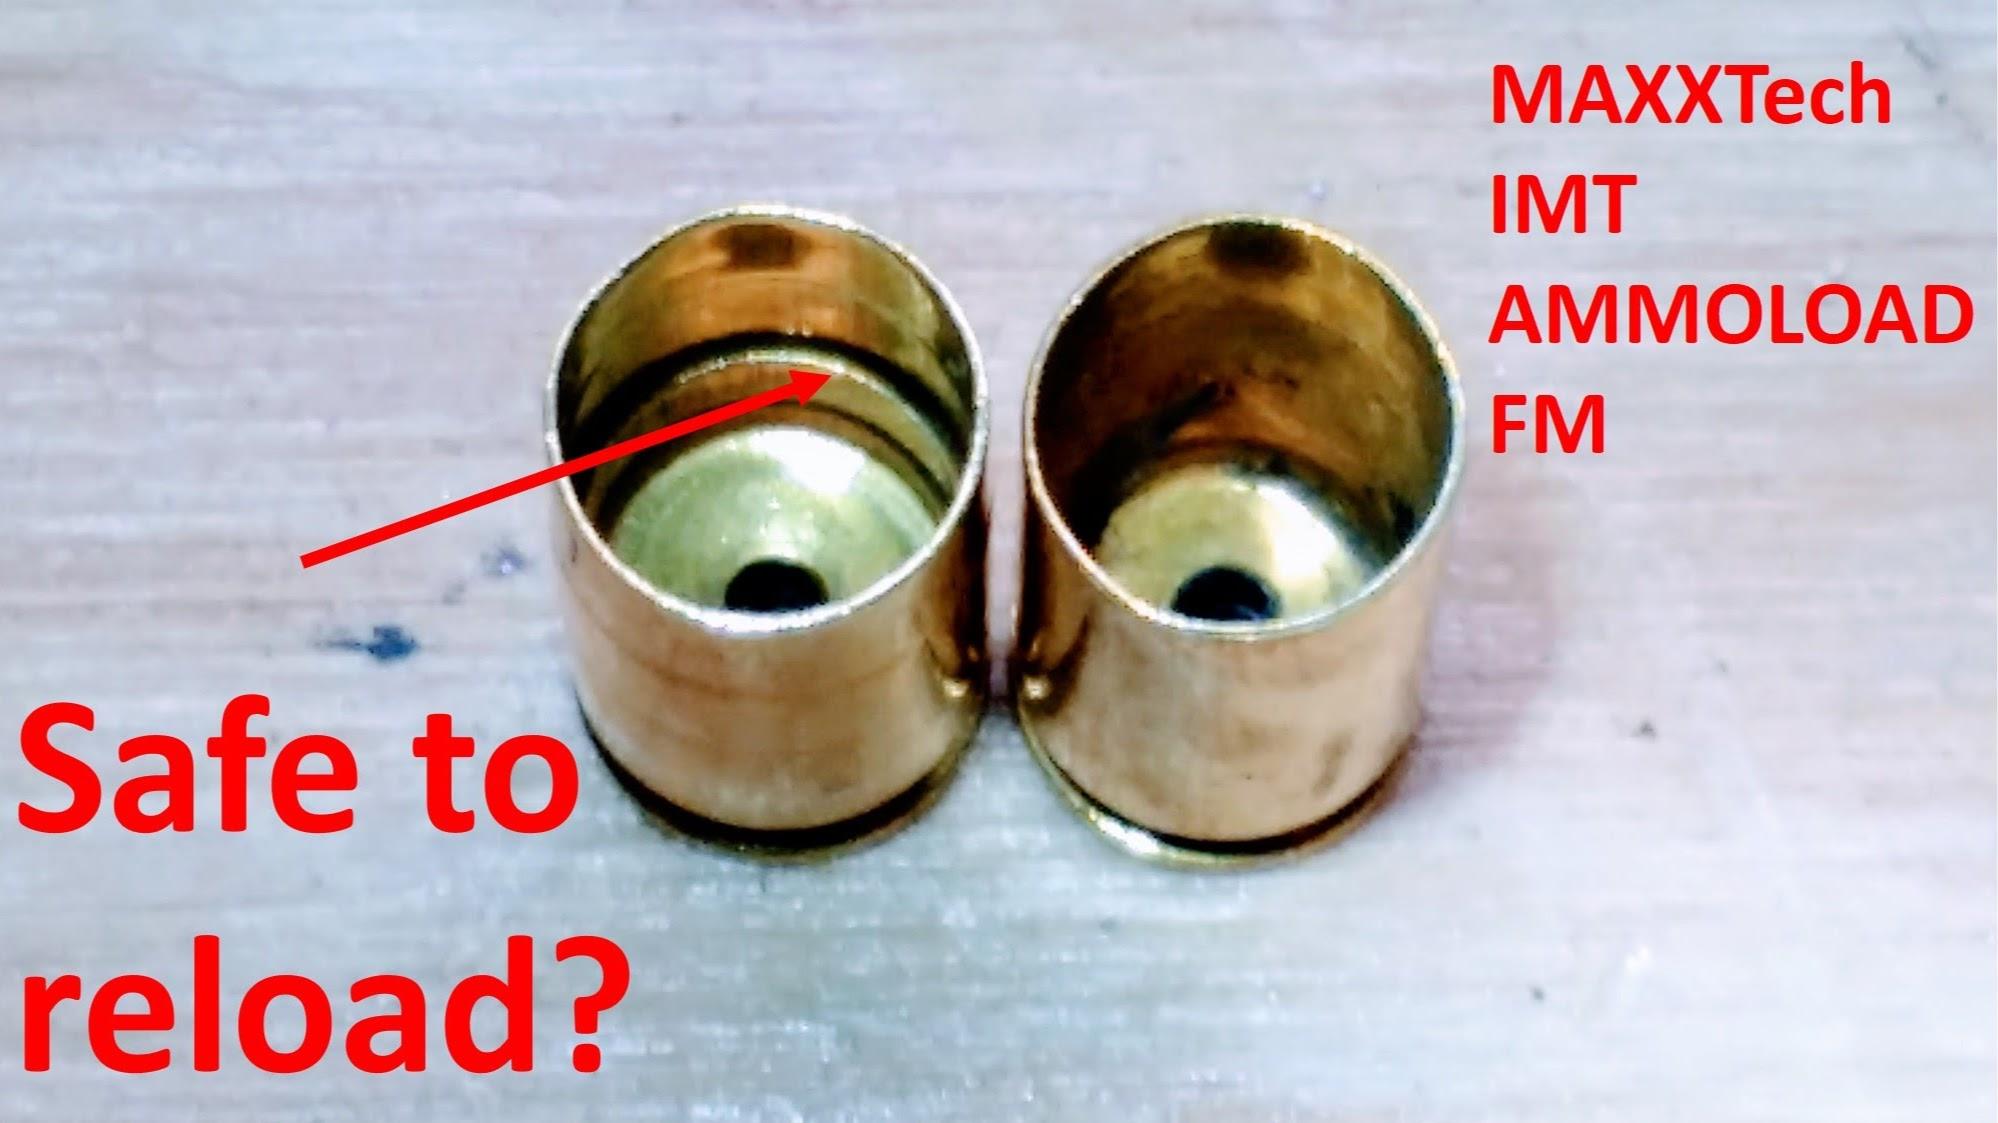 Funny 9mm brass